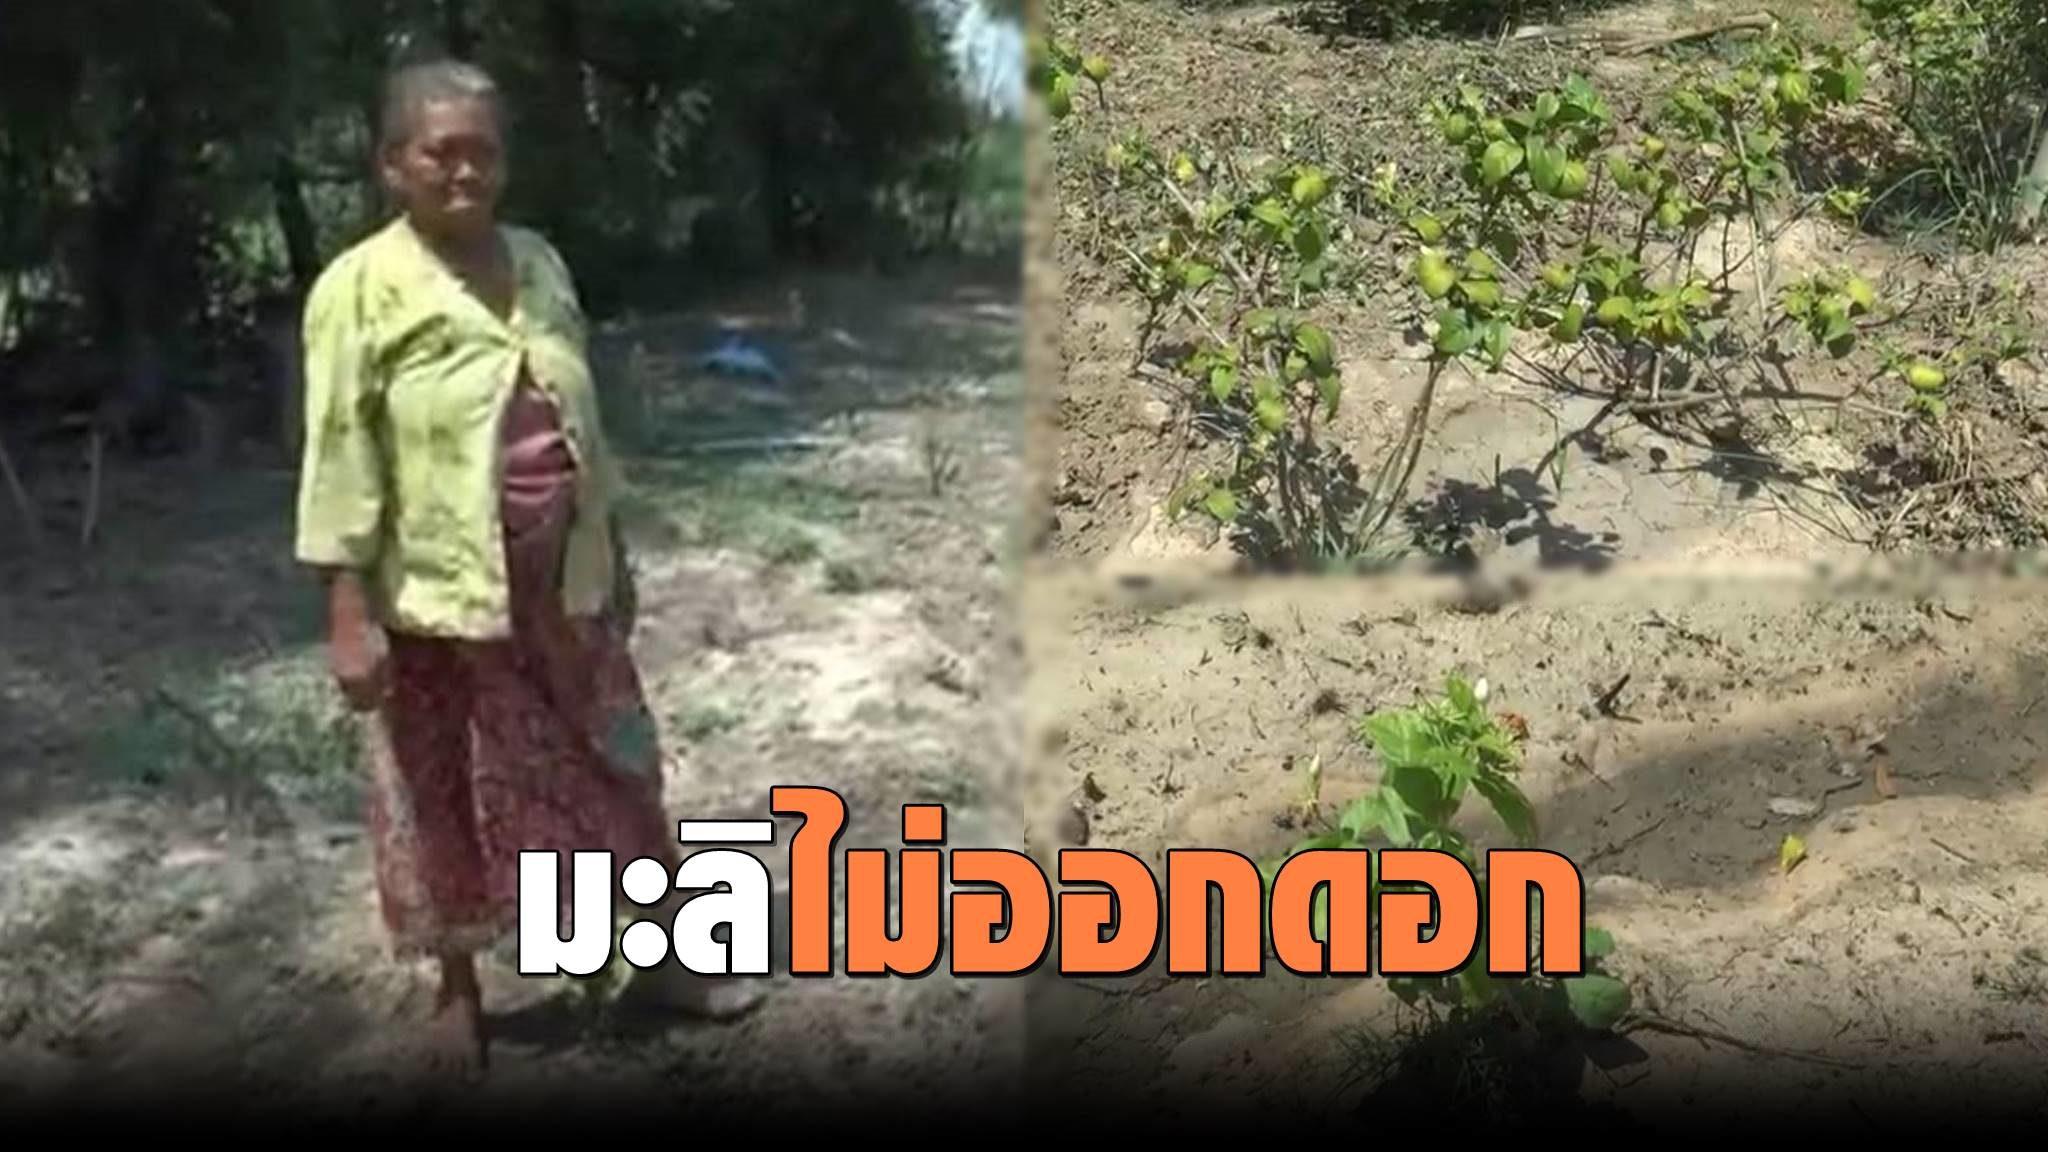 แล้งหนัก เกษตรกรโอดต้นมะลิไม่ออกดอก เดือดร้อนไม่มีมะลิขายวันแม่